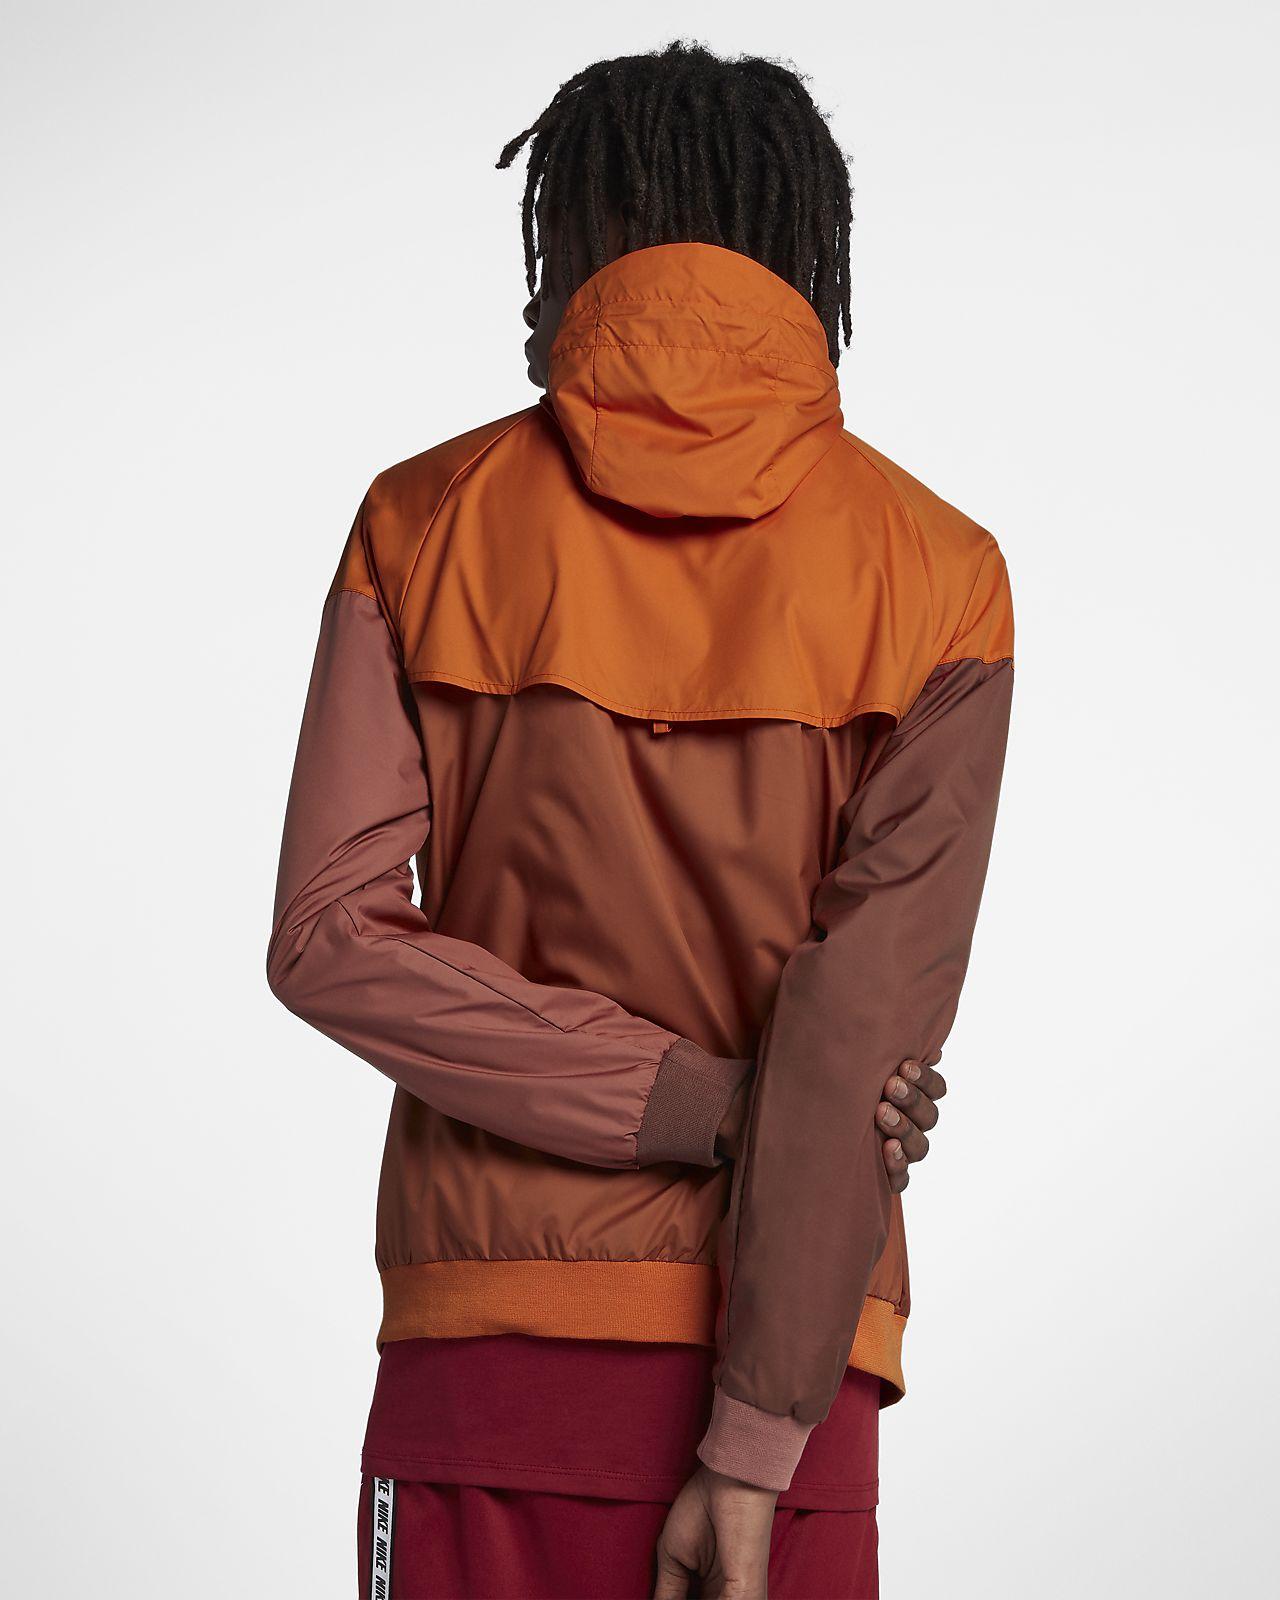 50ee8347d6 Low Resolution Nike Sportswear Windrunner Men s Jacket Nike Sportswear  Windrunner Men s Jacket